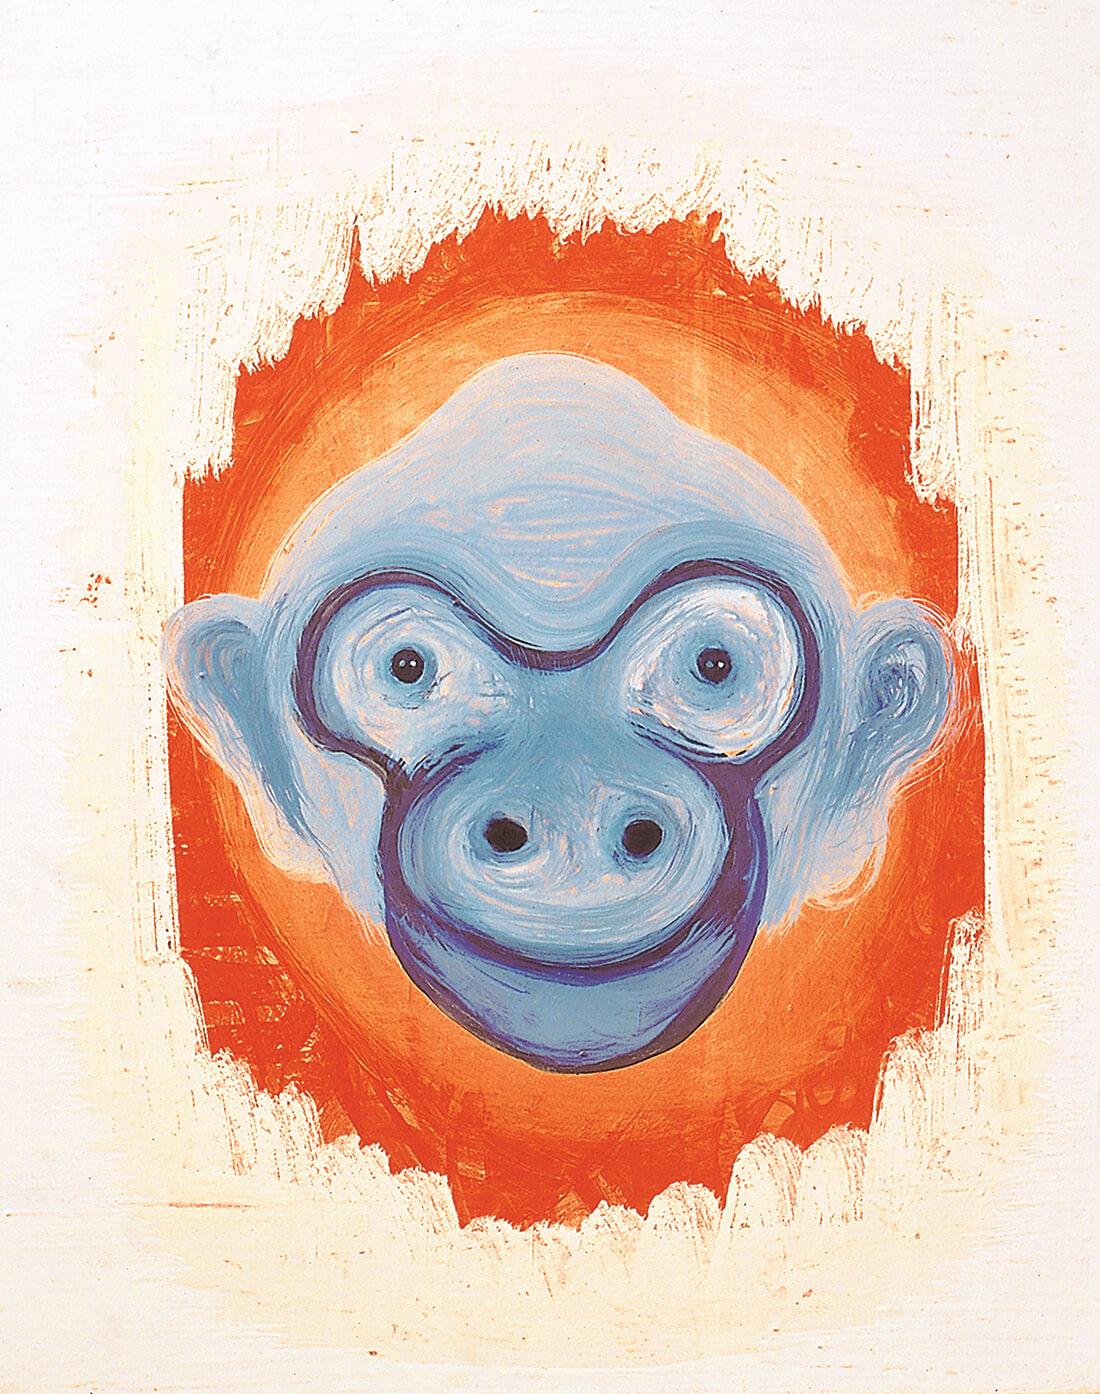 Cómo estás?, 77 x 55 cm, egg tempera on canvas, 2002